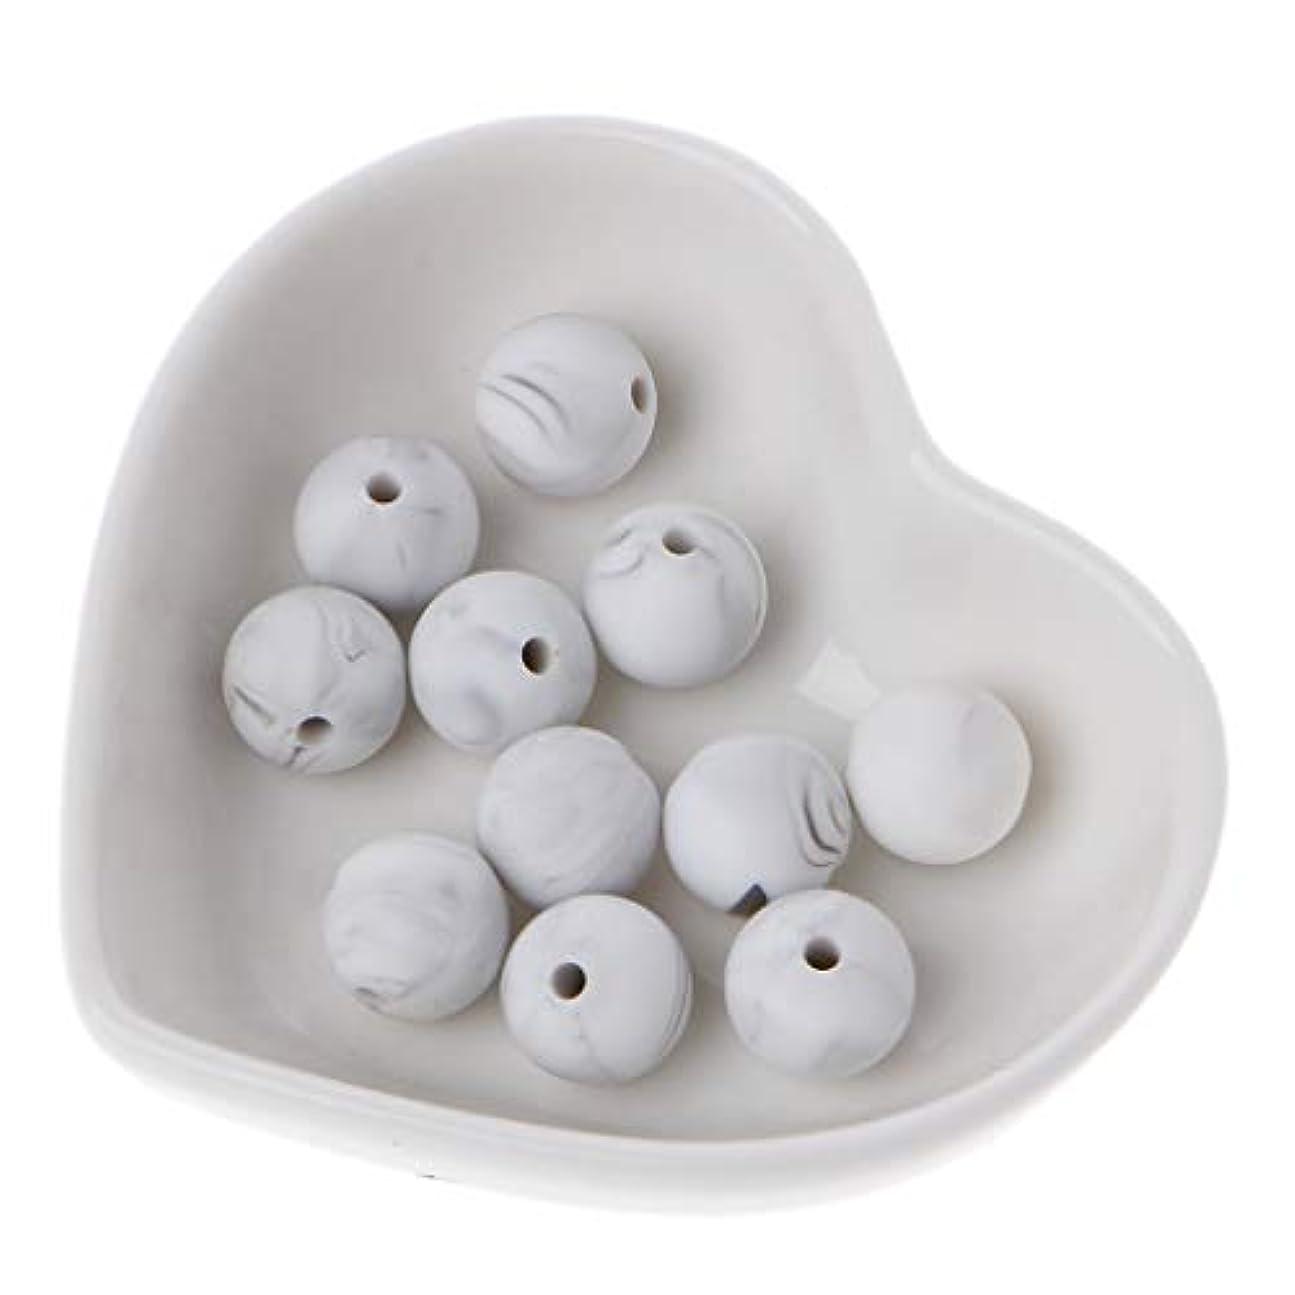 妖精無人重力Landdum 10個シリコーンビーズ40#大理石ホワイトシリカビーズ赤ちゃんのおもちゃdiyおしゃぶりチェーンアクセサリー - 12ミリメートル